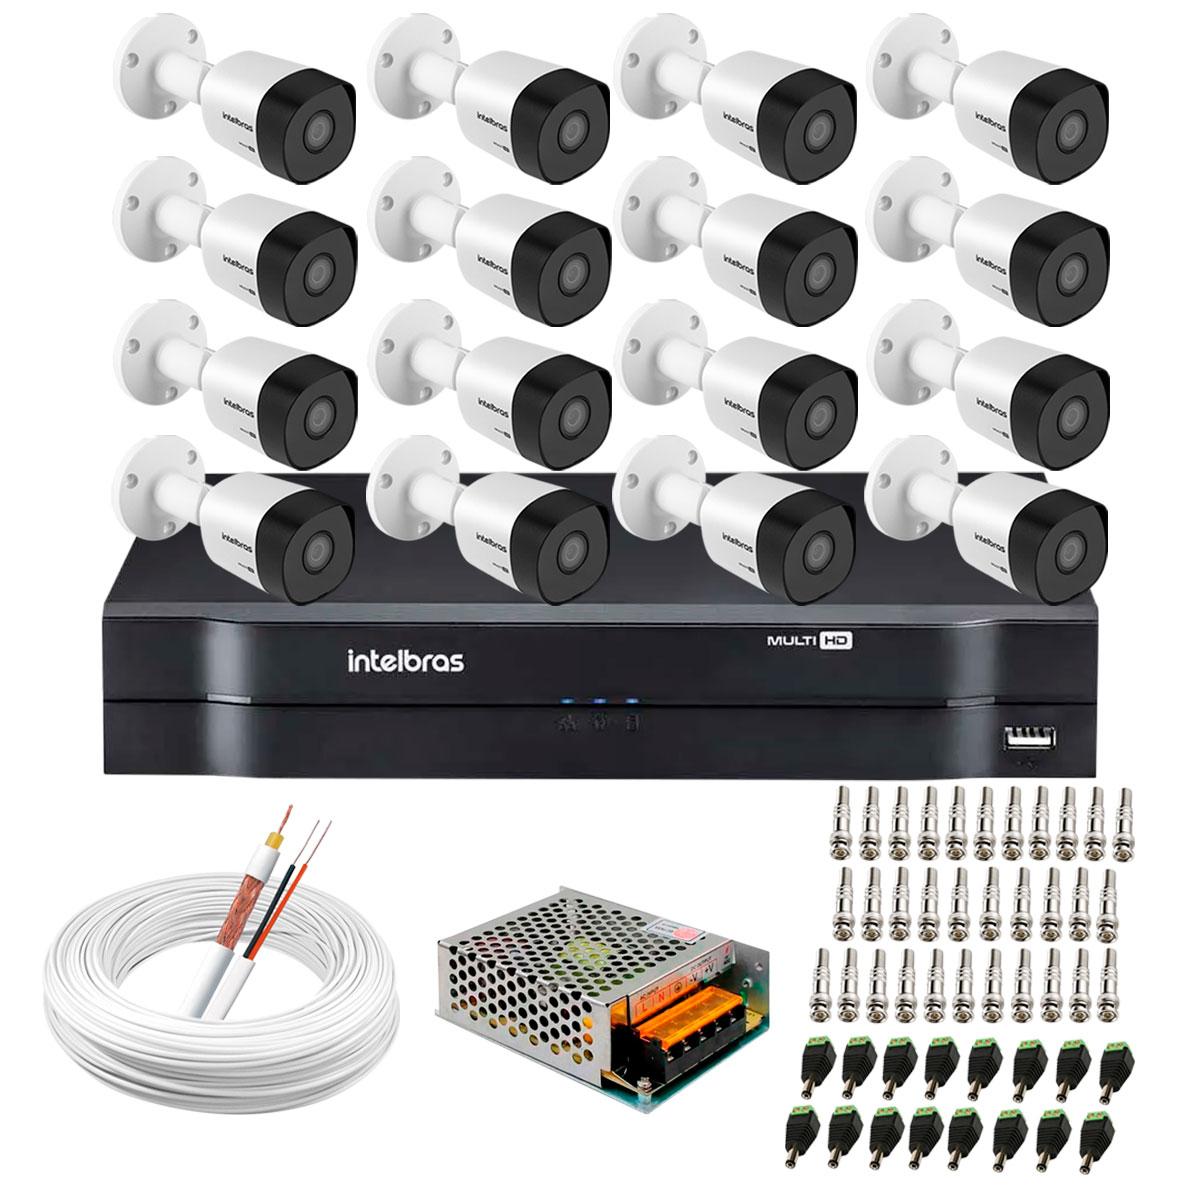 kit-16-cameras-vhd-3130-b-g6-dvr-intelbras-app-gratis-de-monitoramento-cameras-hd-720p-30m-infravermelho-de-visao-noturna-intelbras-fonte-cabos-e-acessorios